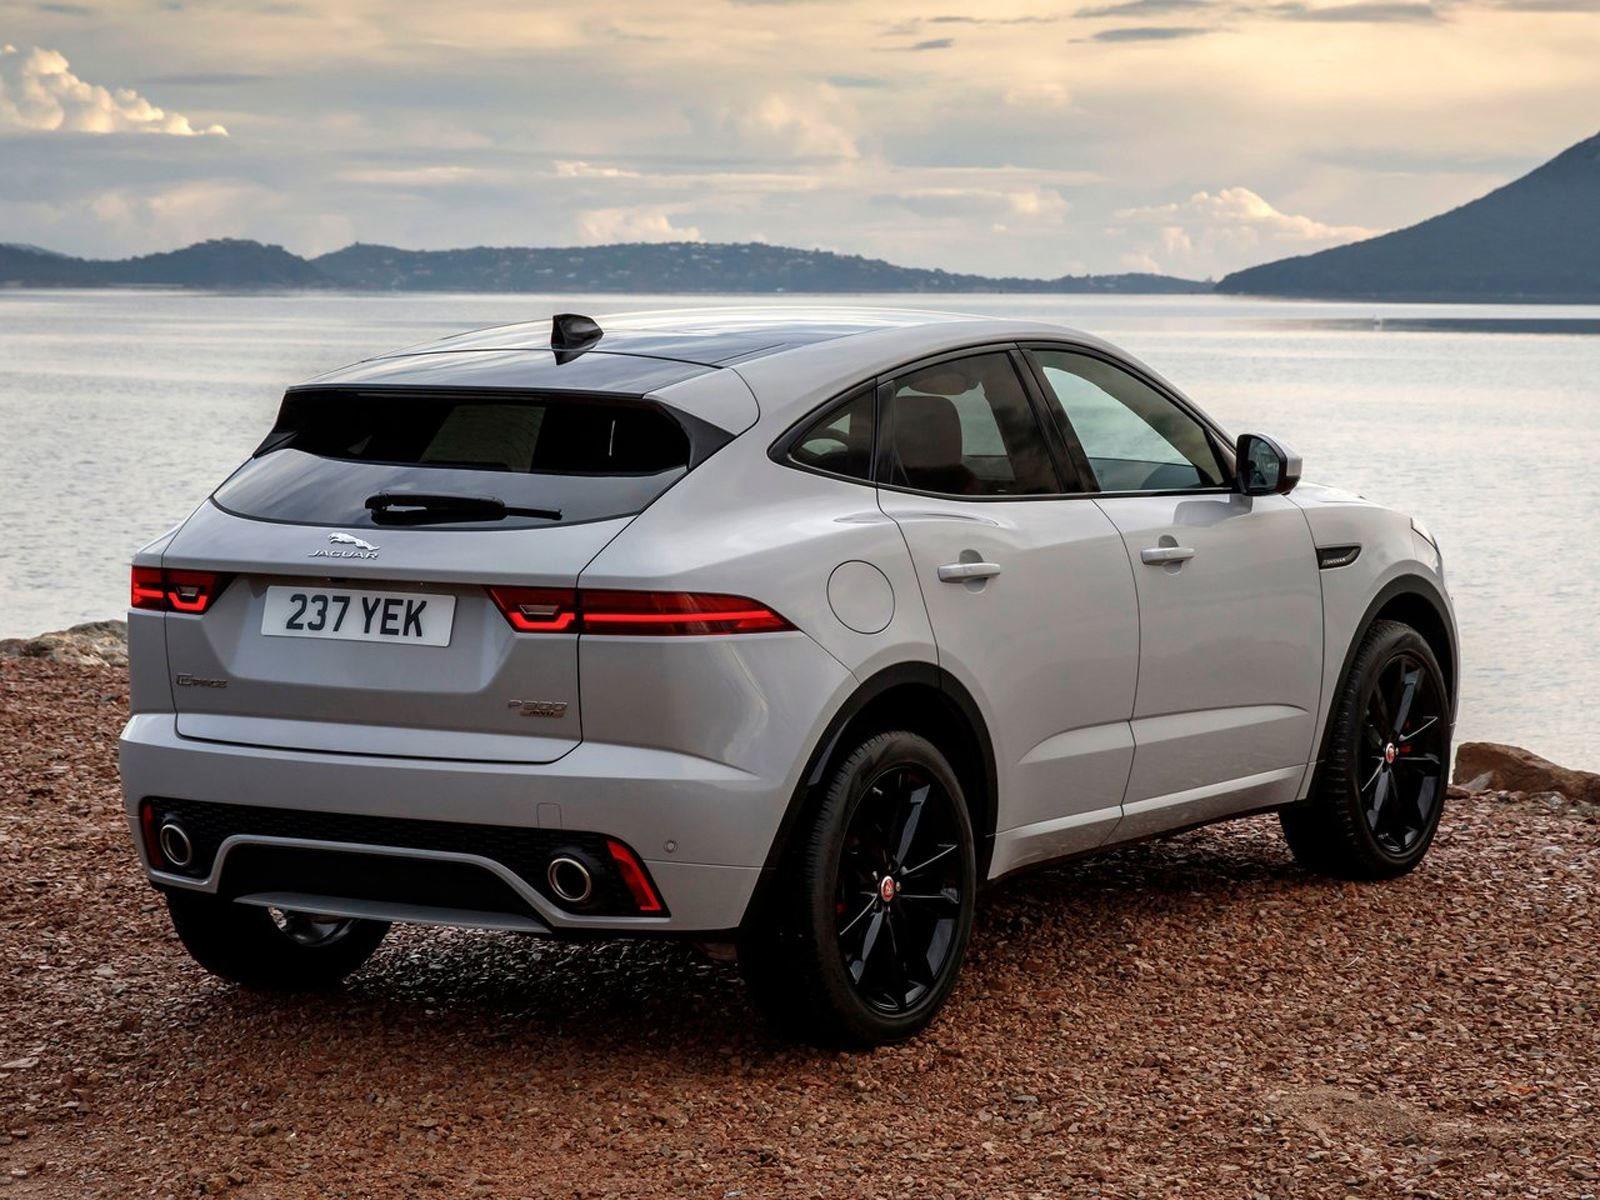 В интервью с австралийским Go Auto, управляющий директор Jaguar в Австралии Мэтью Визнер признал, что внедорожник, расположенный над F-Pace, не исключается.